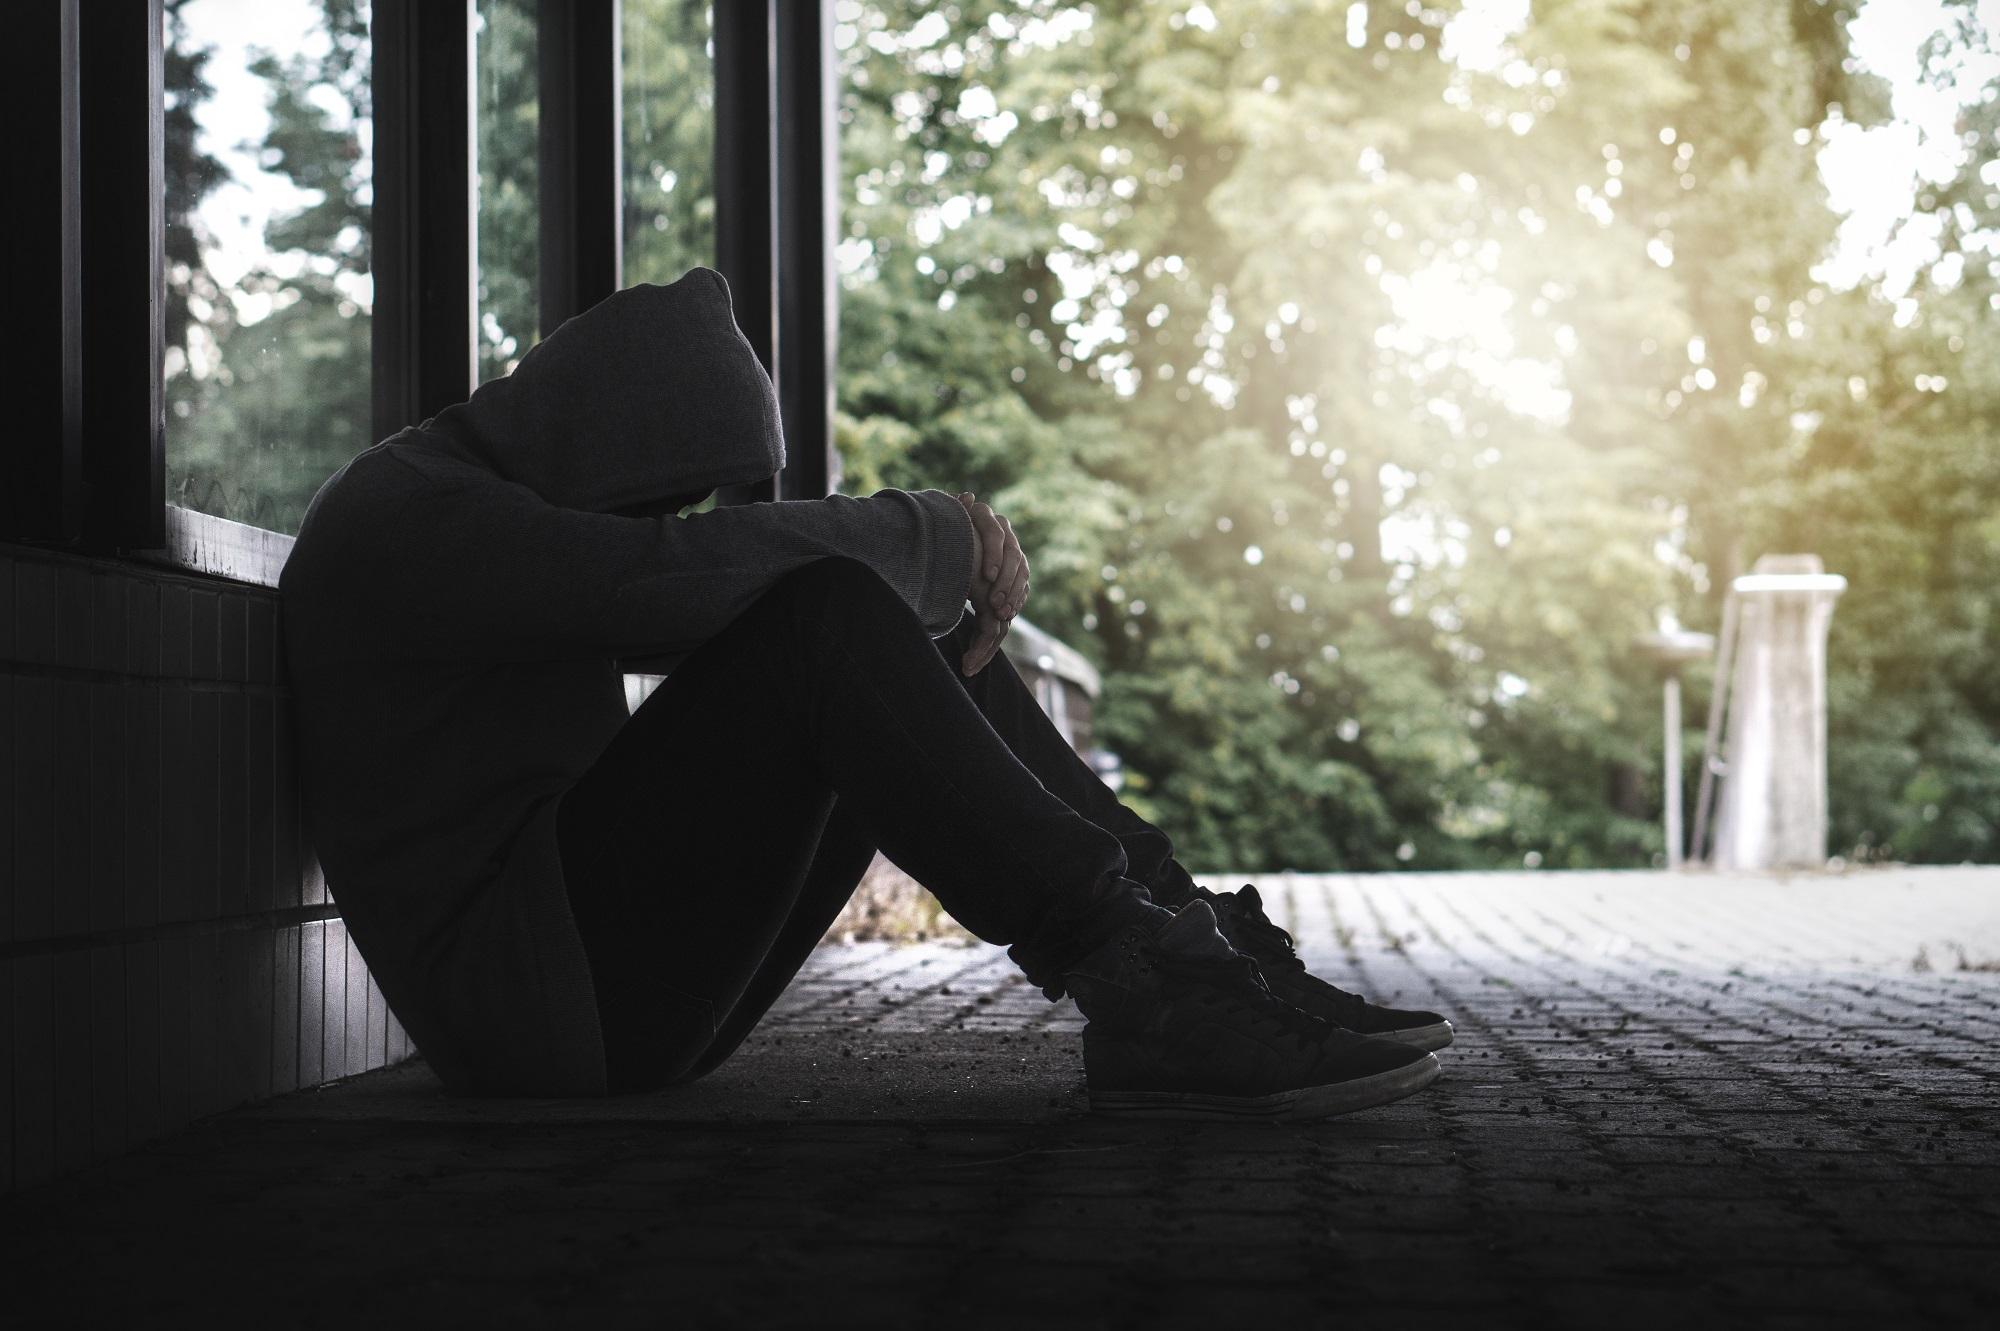 изображение картинки грусть одиночество мужчины на аву совершенно непонятно